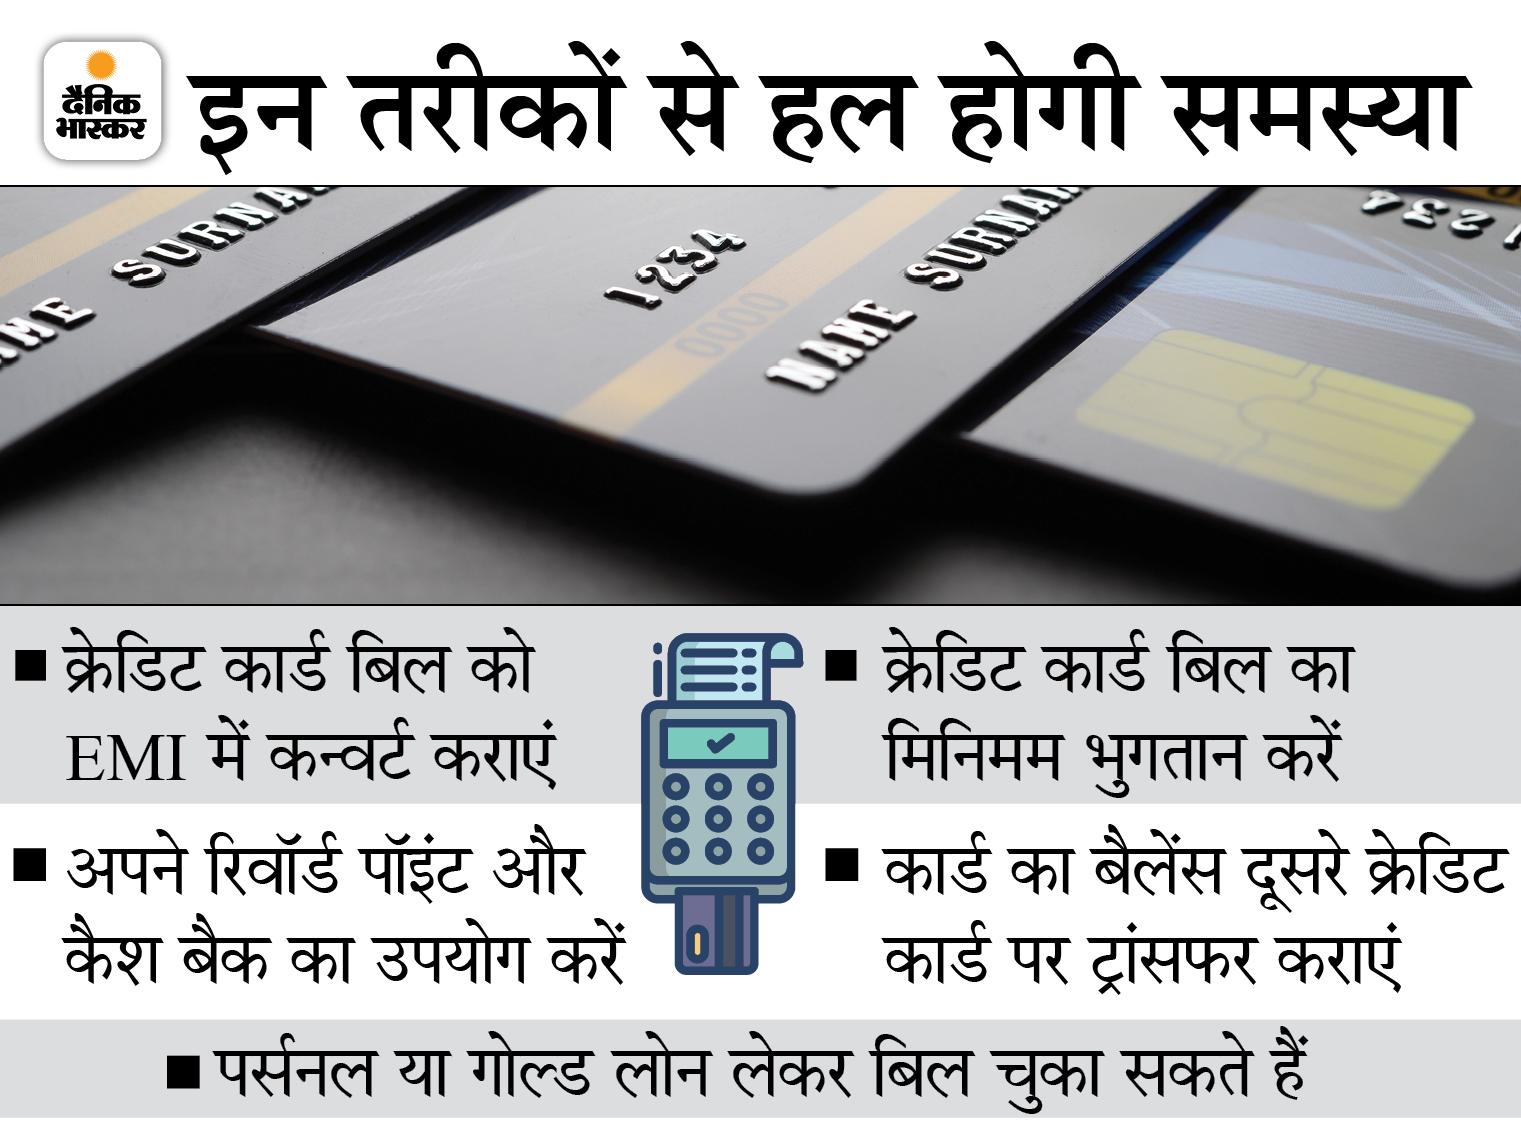 कोरोना काल में क्रेडिट कार्ड का बिल चुकाने में आ रही है परेशानी, तो इन 5 तरीकों से दूर कर सकते हैं अपनी परेशानी|बिजनेस,Business - Dainik Bhaskar